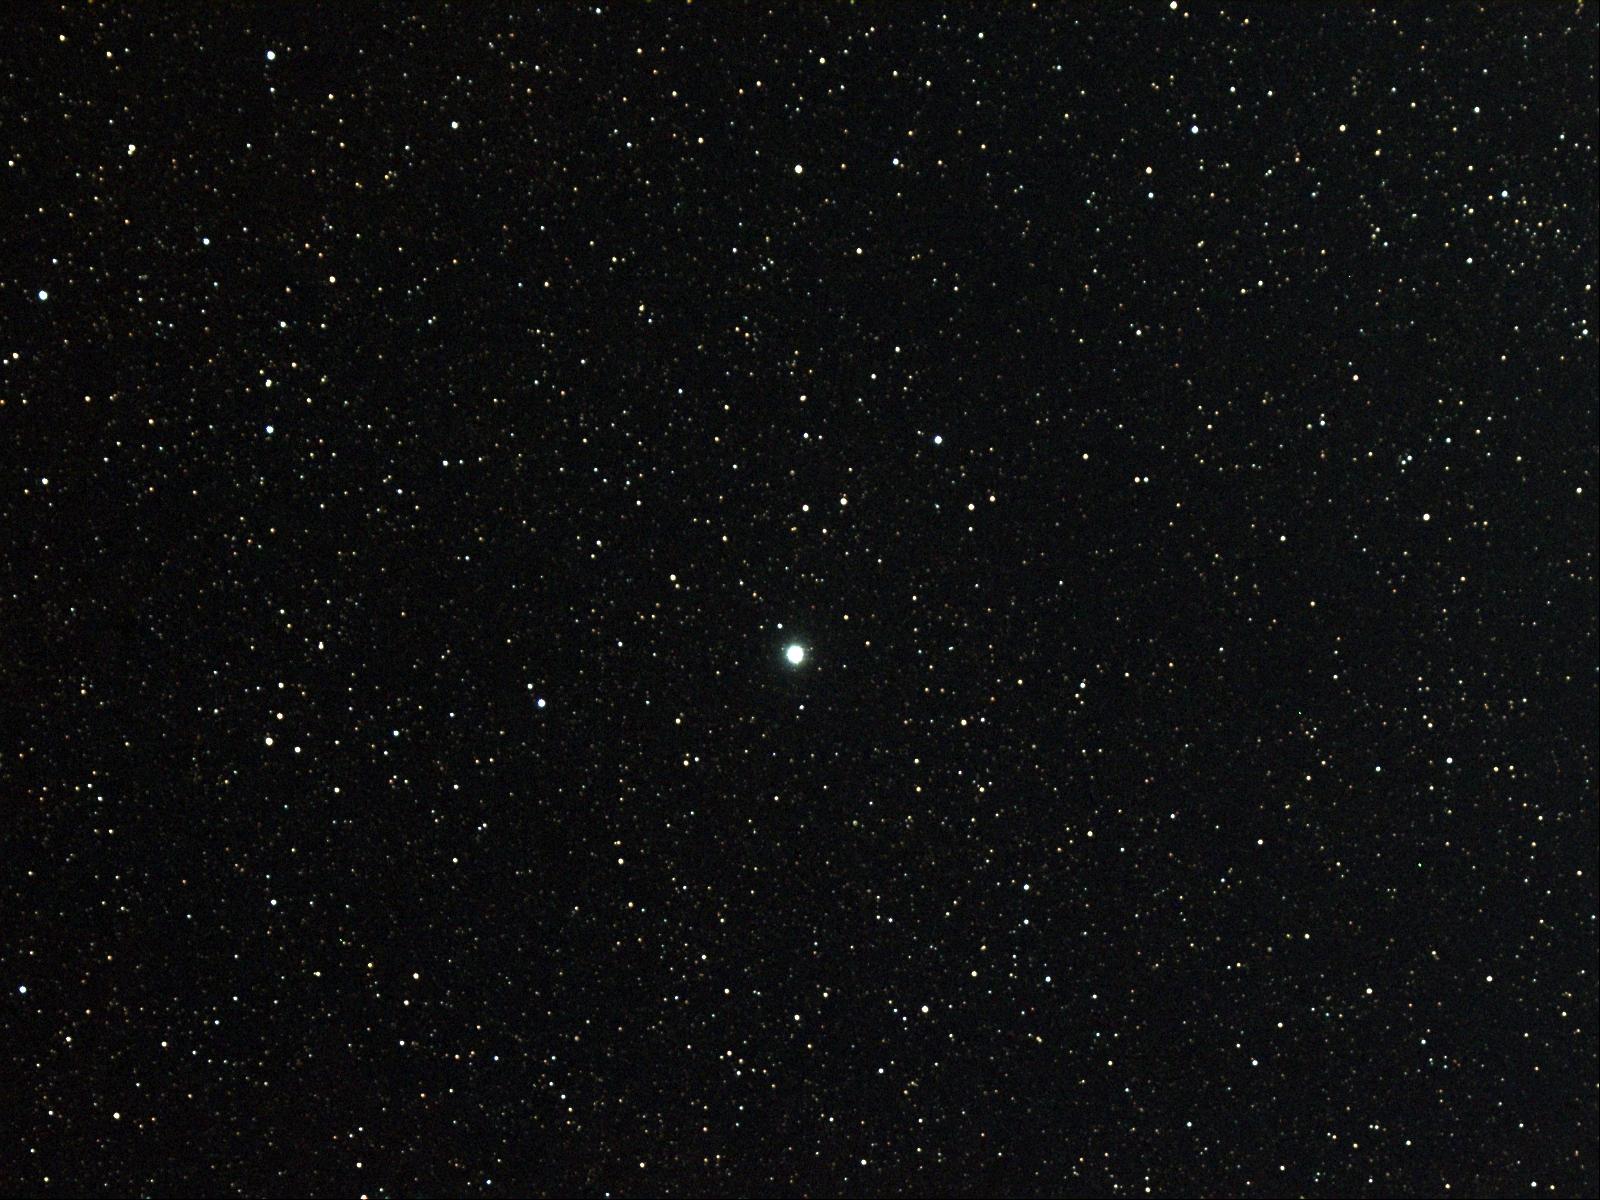 V1369 Cen